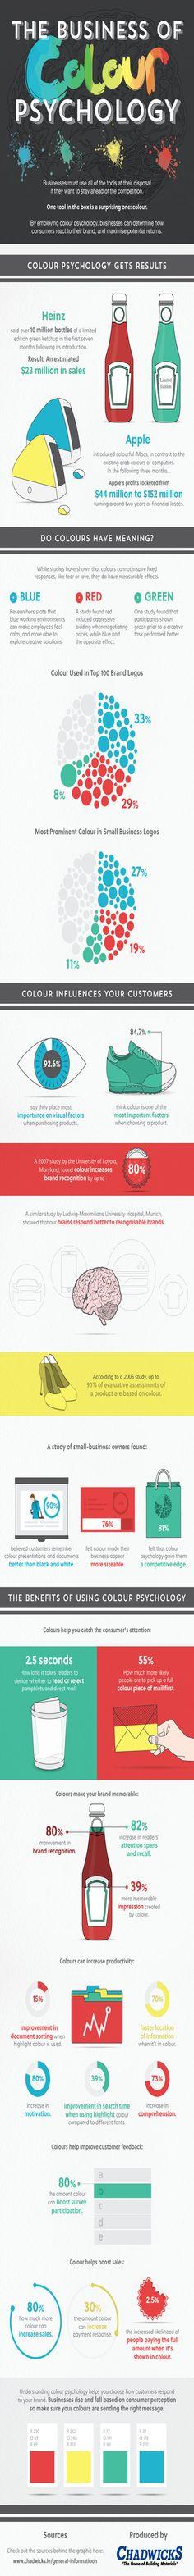 ¿Cómo pueden los colores ayudarnos a mejorar nuestro branding? : Marketing Directo